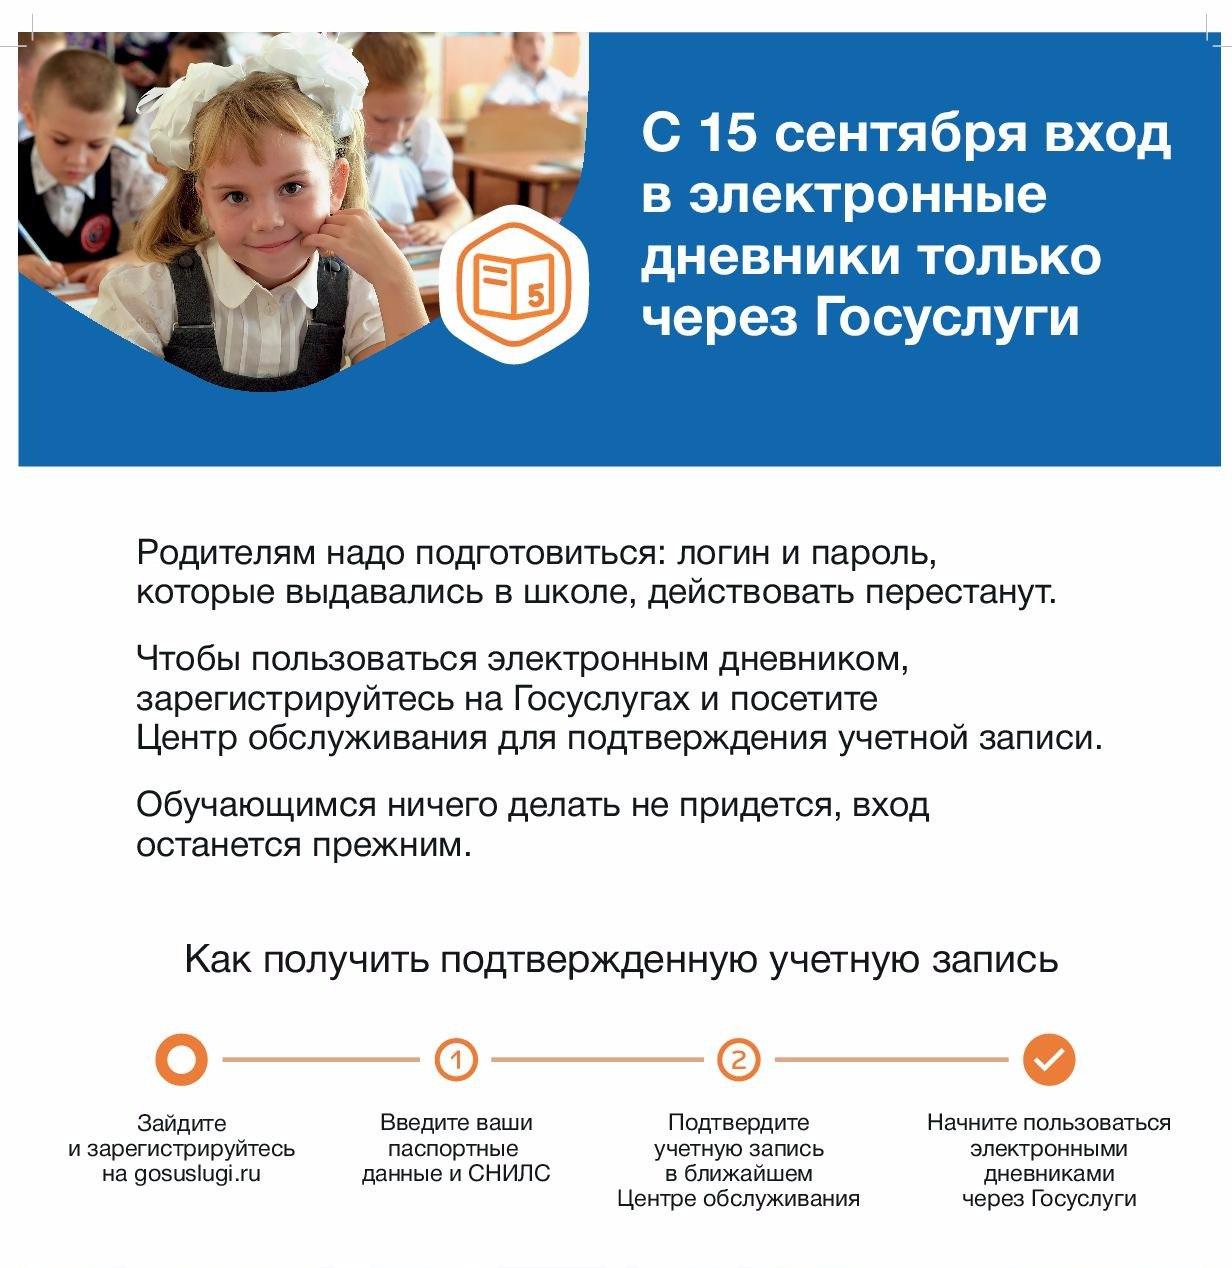 Электронное образование портал Госуслуги Электронный дневник